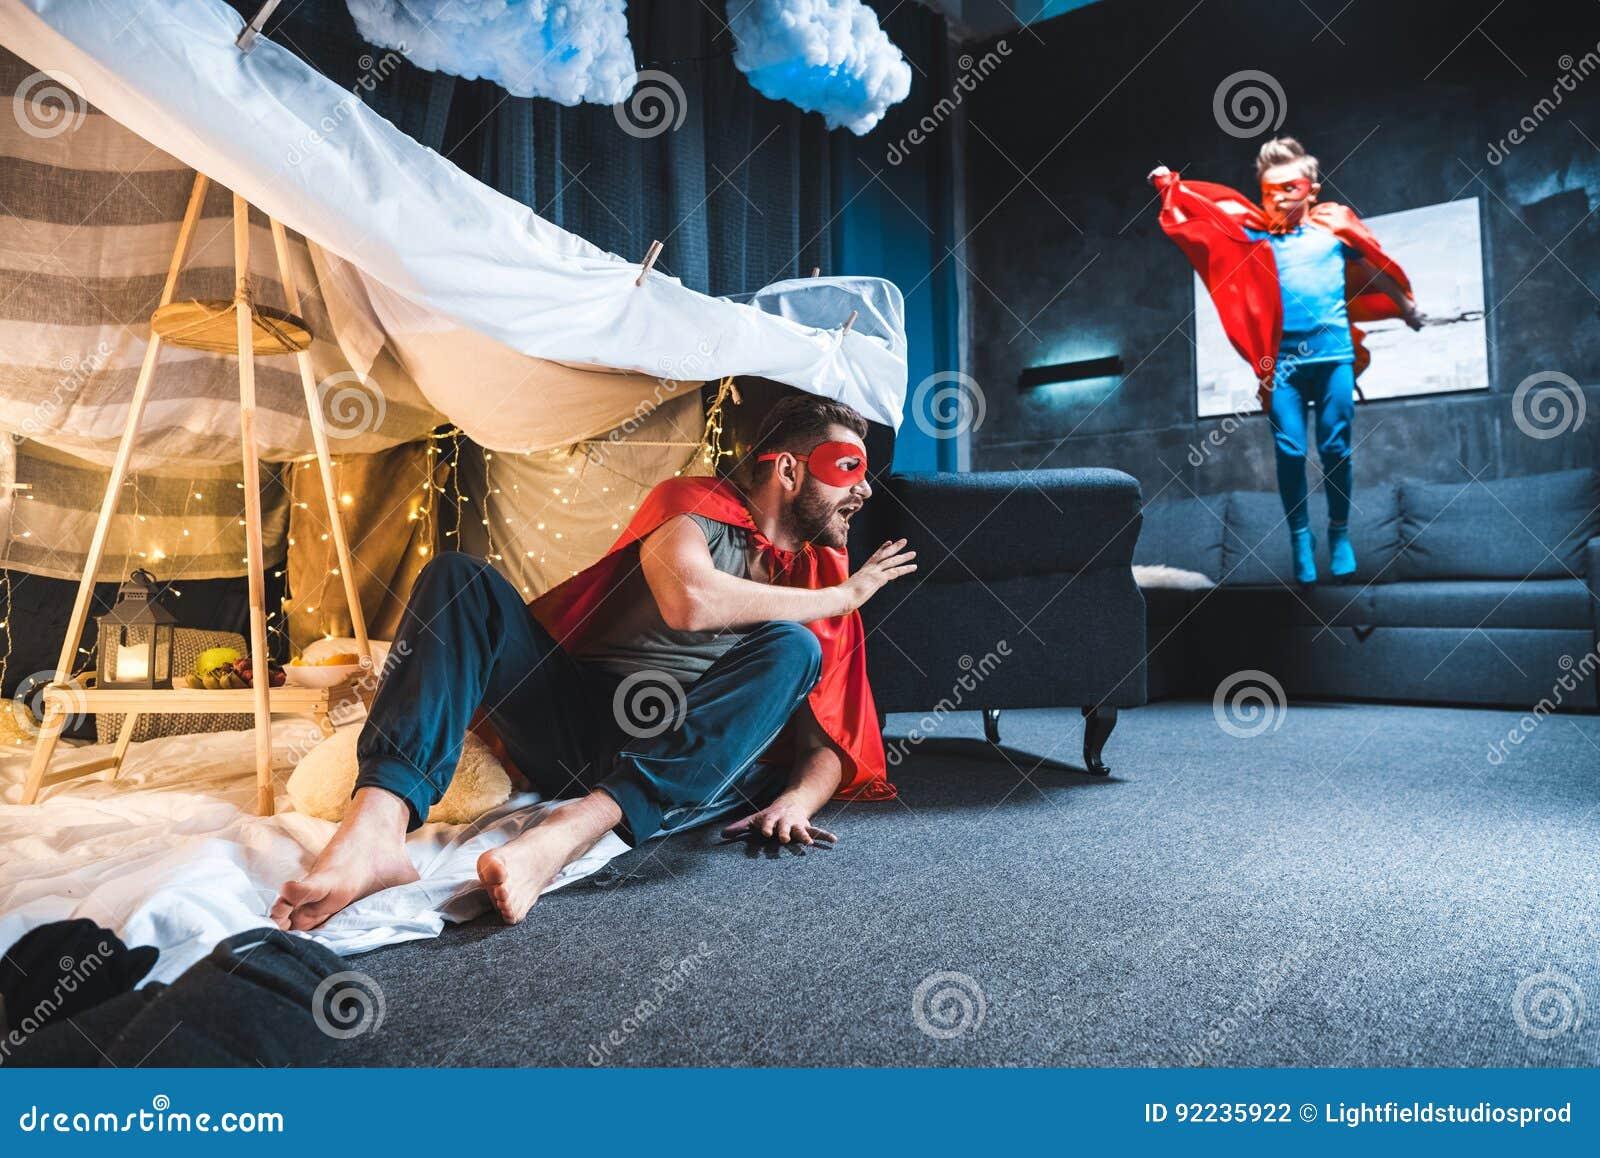 Vater und Sohn im roten Superhelden kostümiert das Spielen